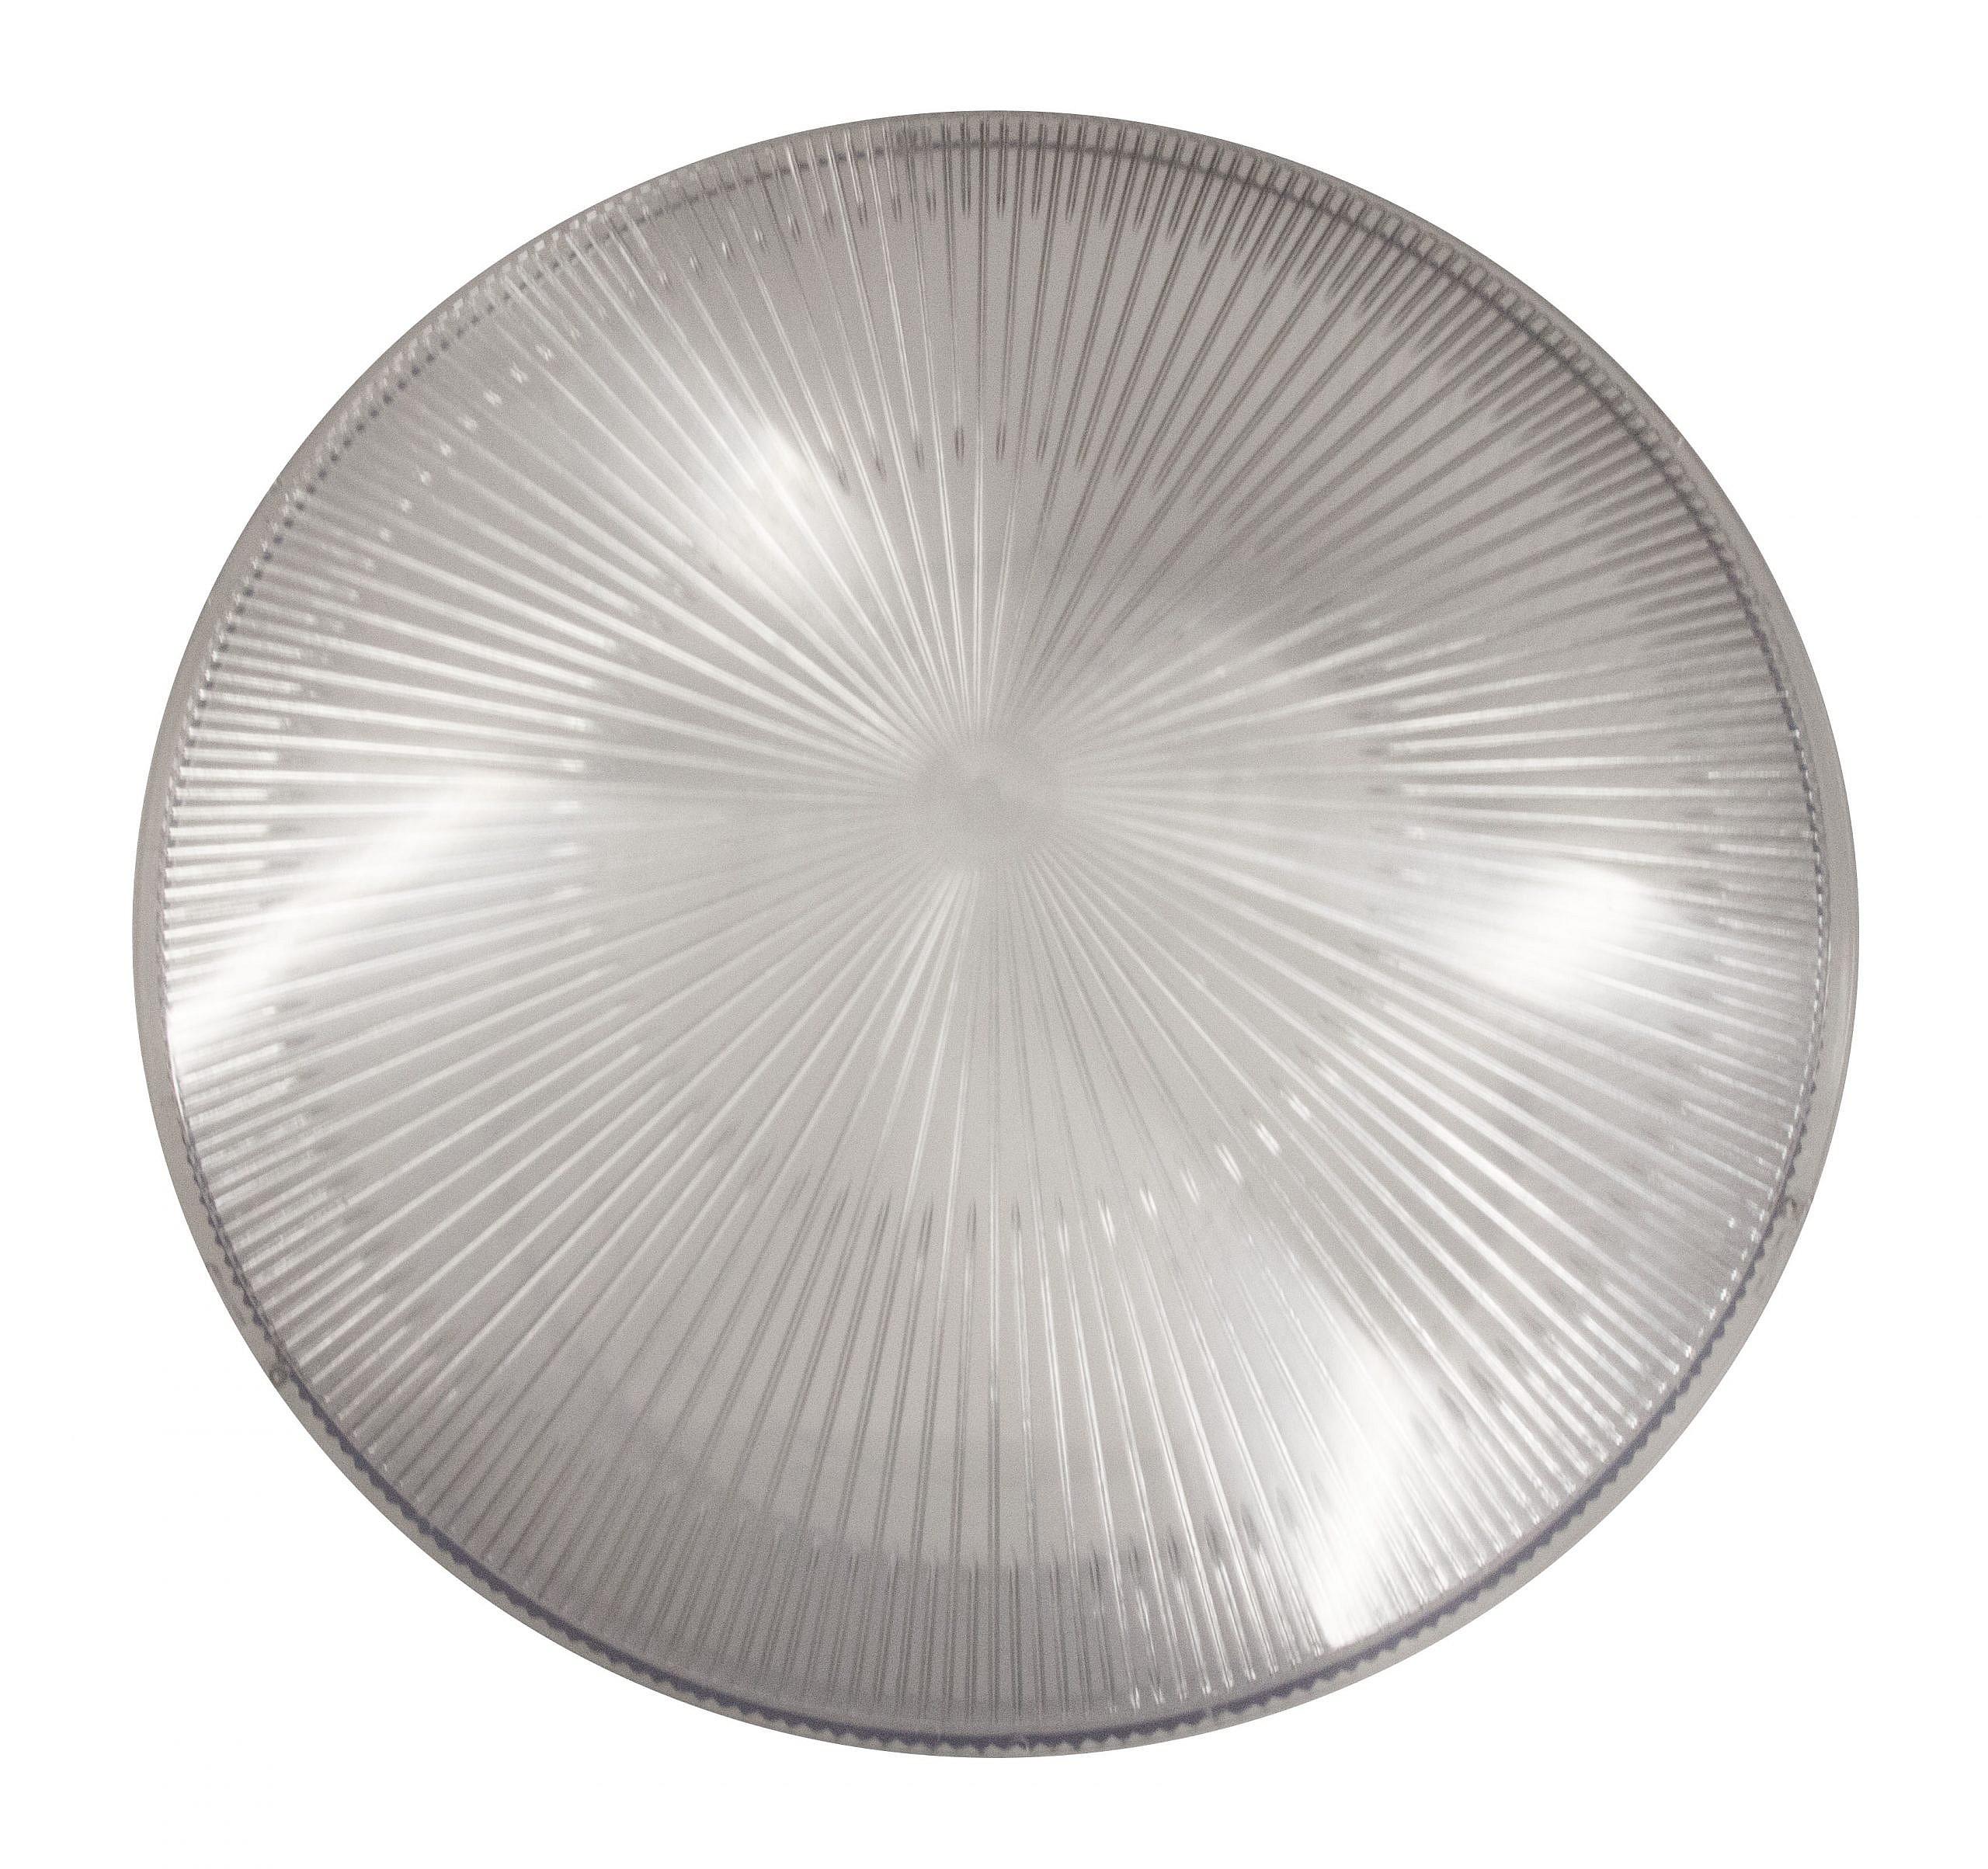 19″ Cone Bottom Cover fits 230W/280W/300W